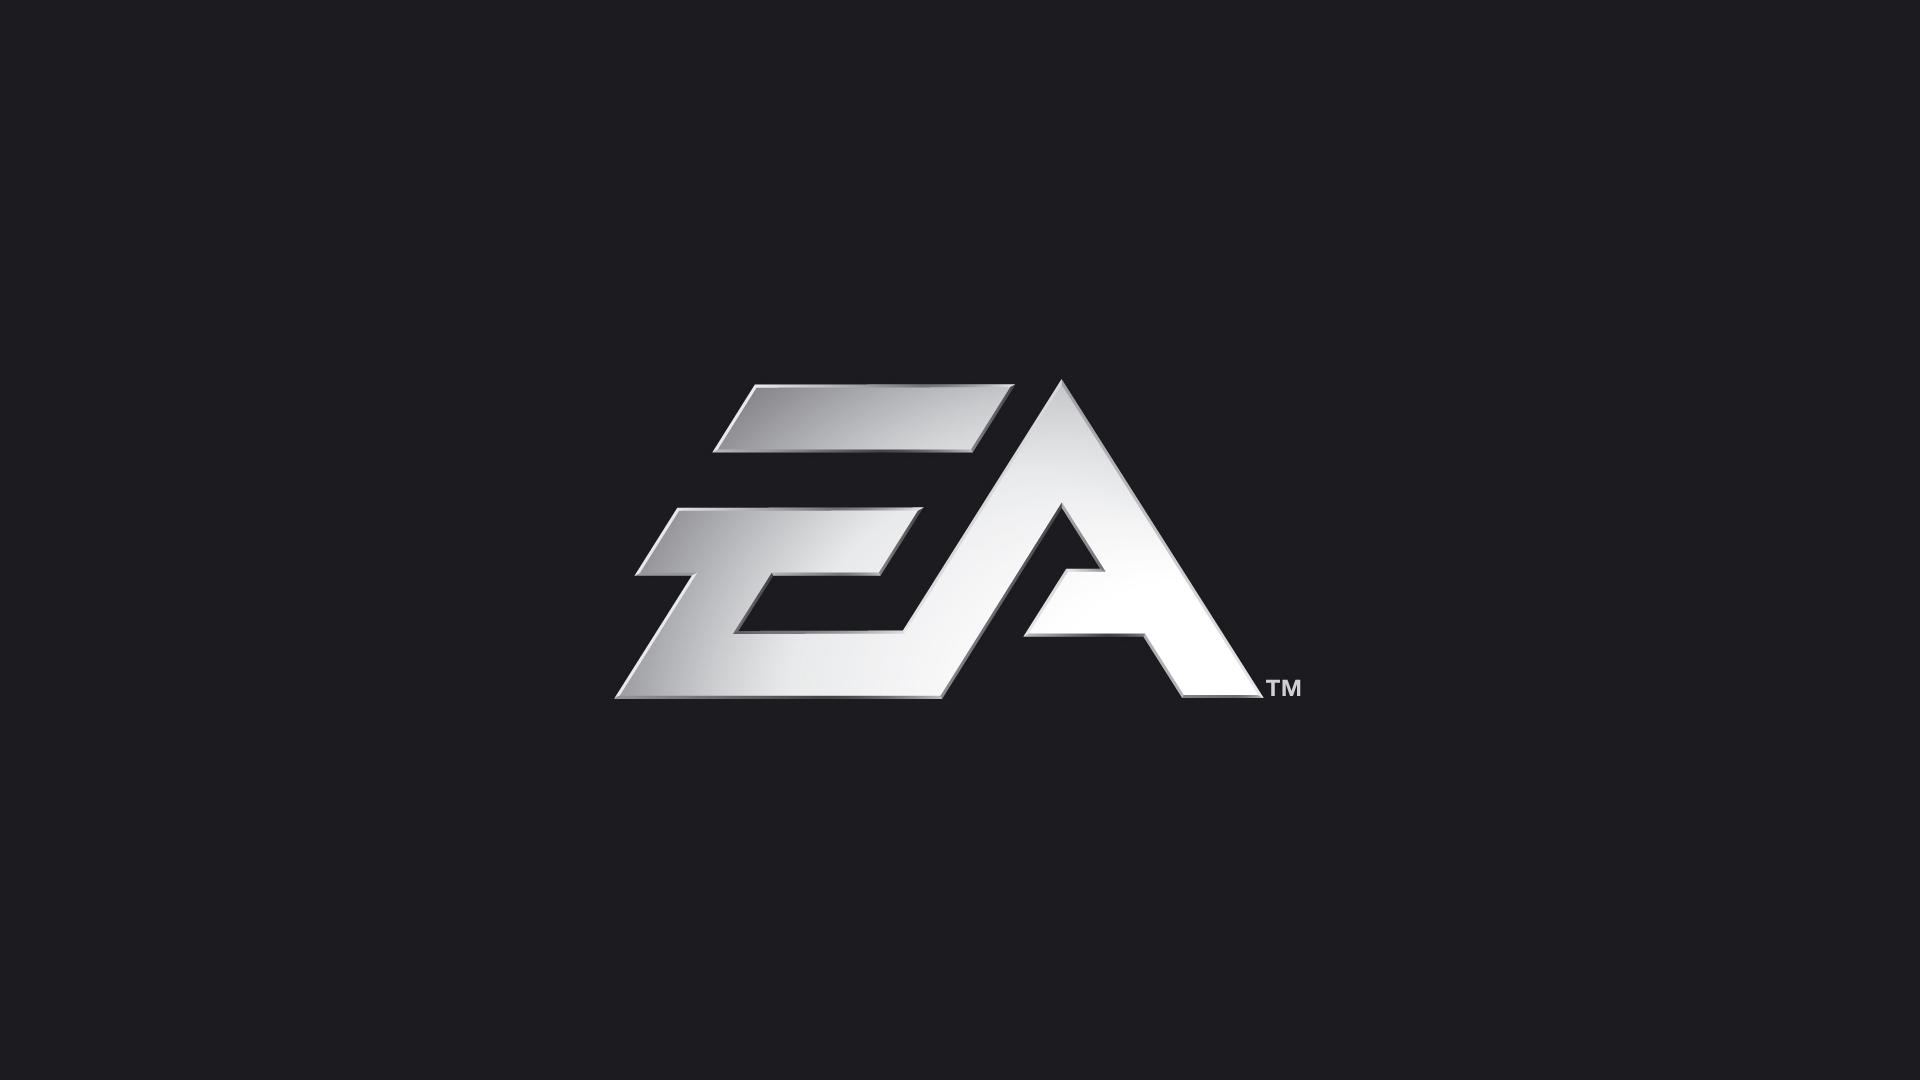 EA dice que no todos sus juegos tendrán microtransacciones [Anuncios]